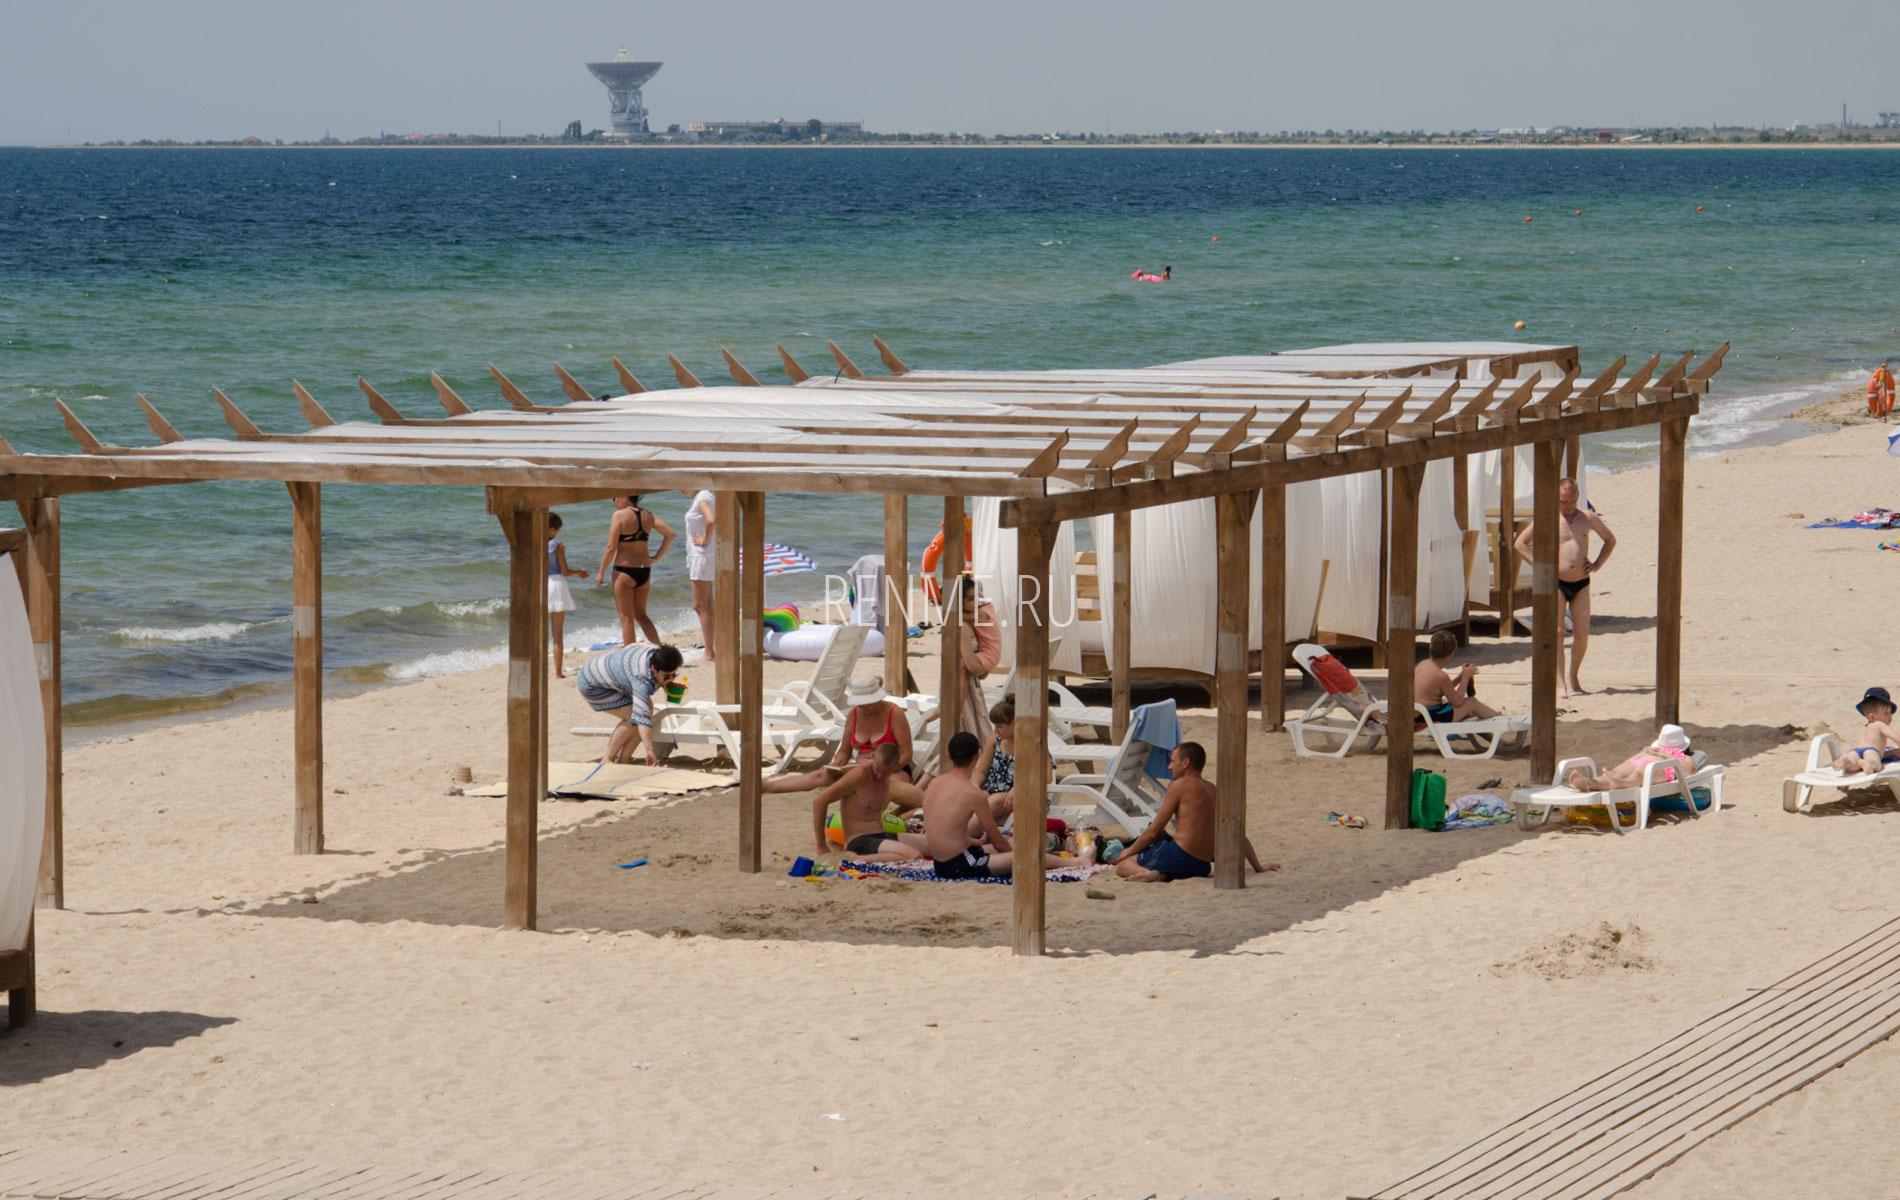 Теневые навесы на пляже в Песчанке. Фото Заозёрного